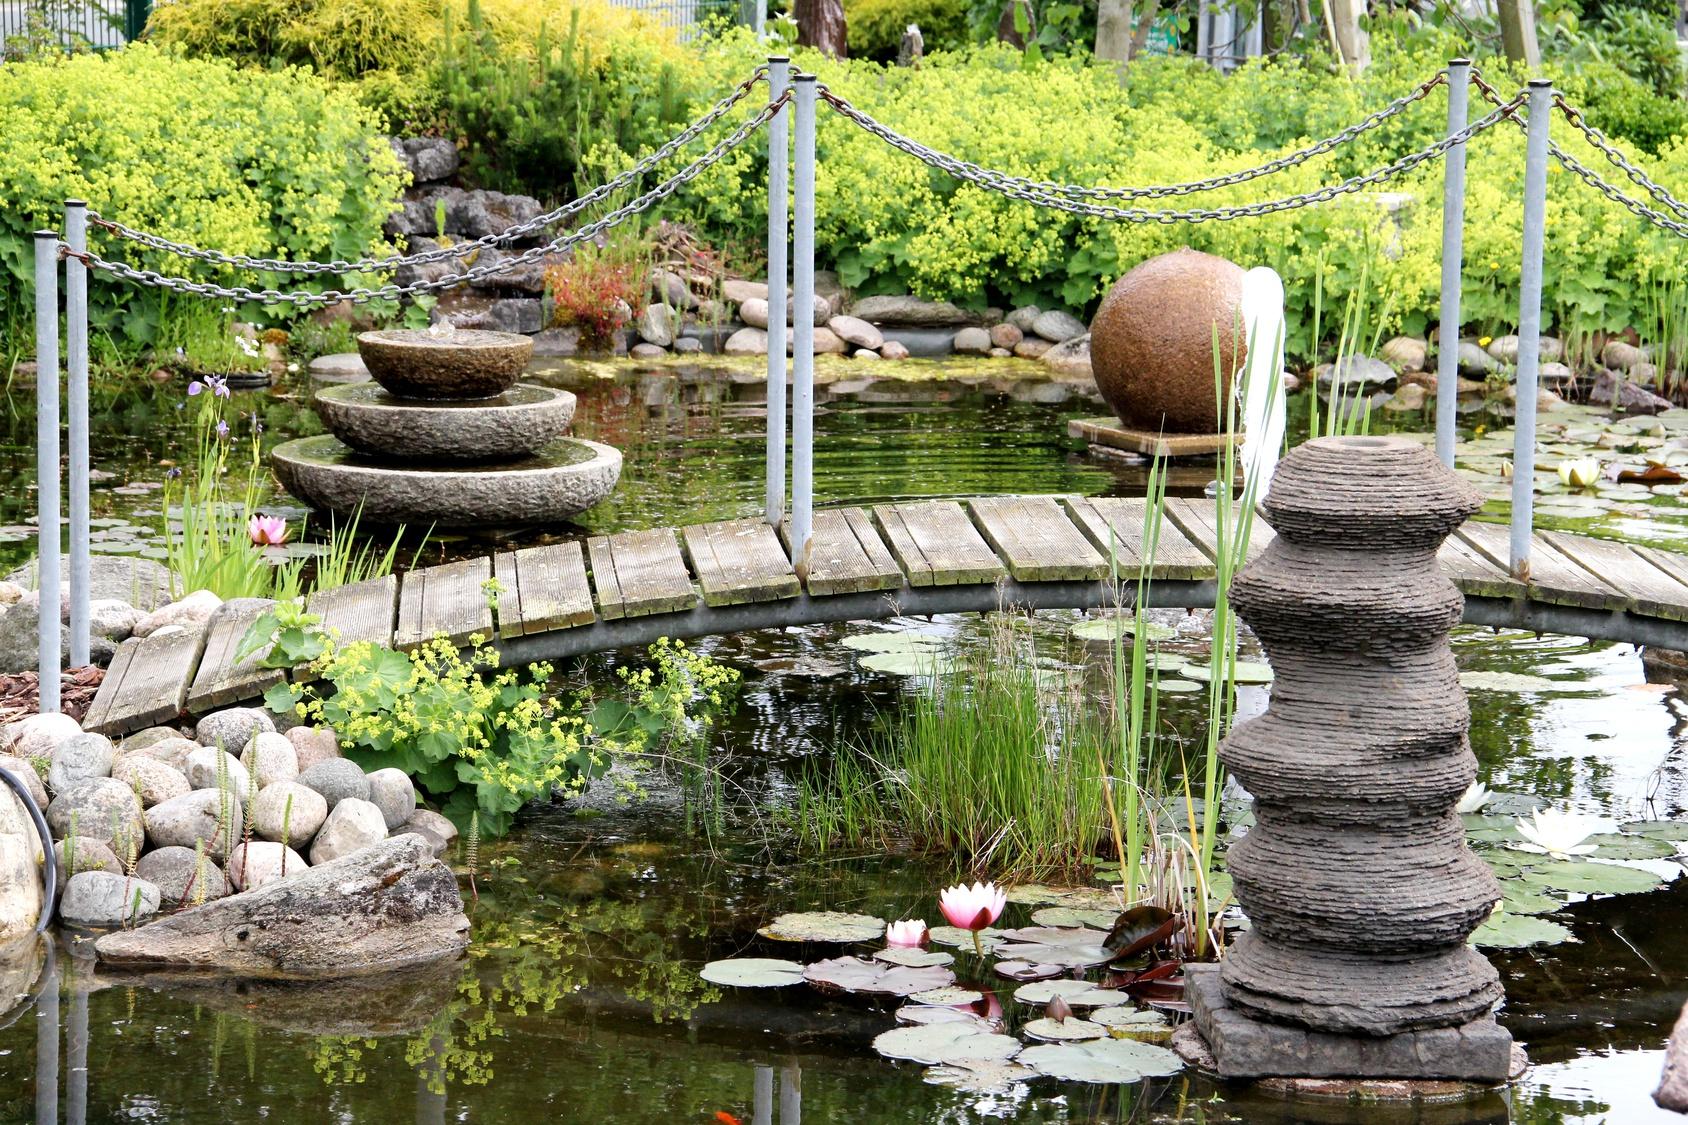 kofiguren fuer Garten:  Dekoratives aus Stein